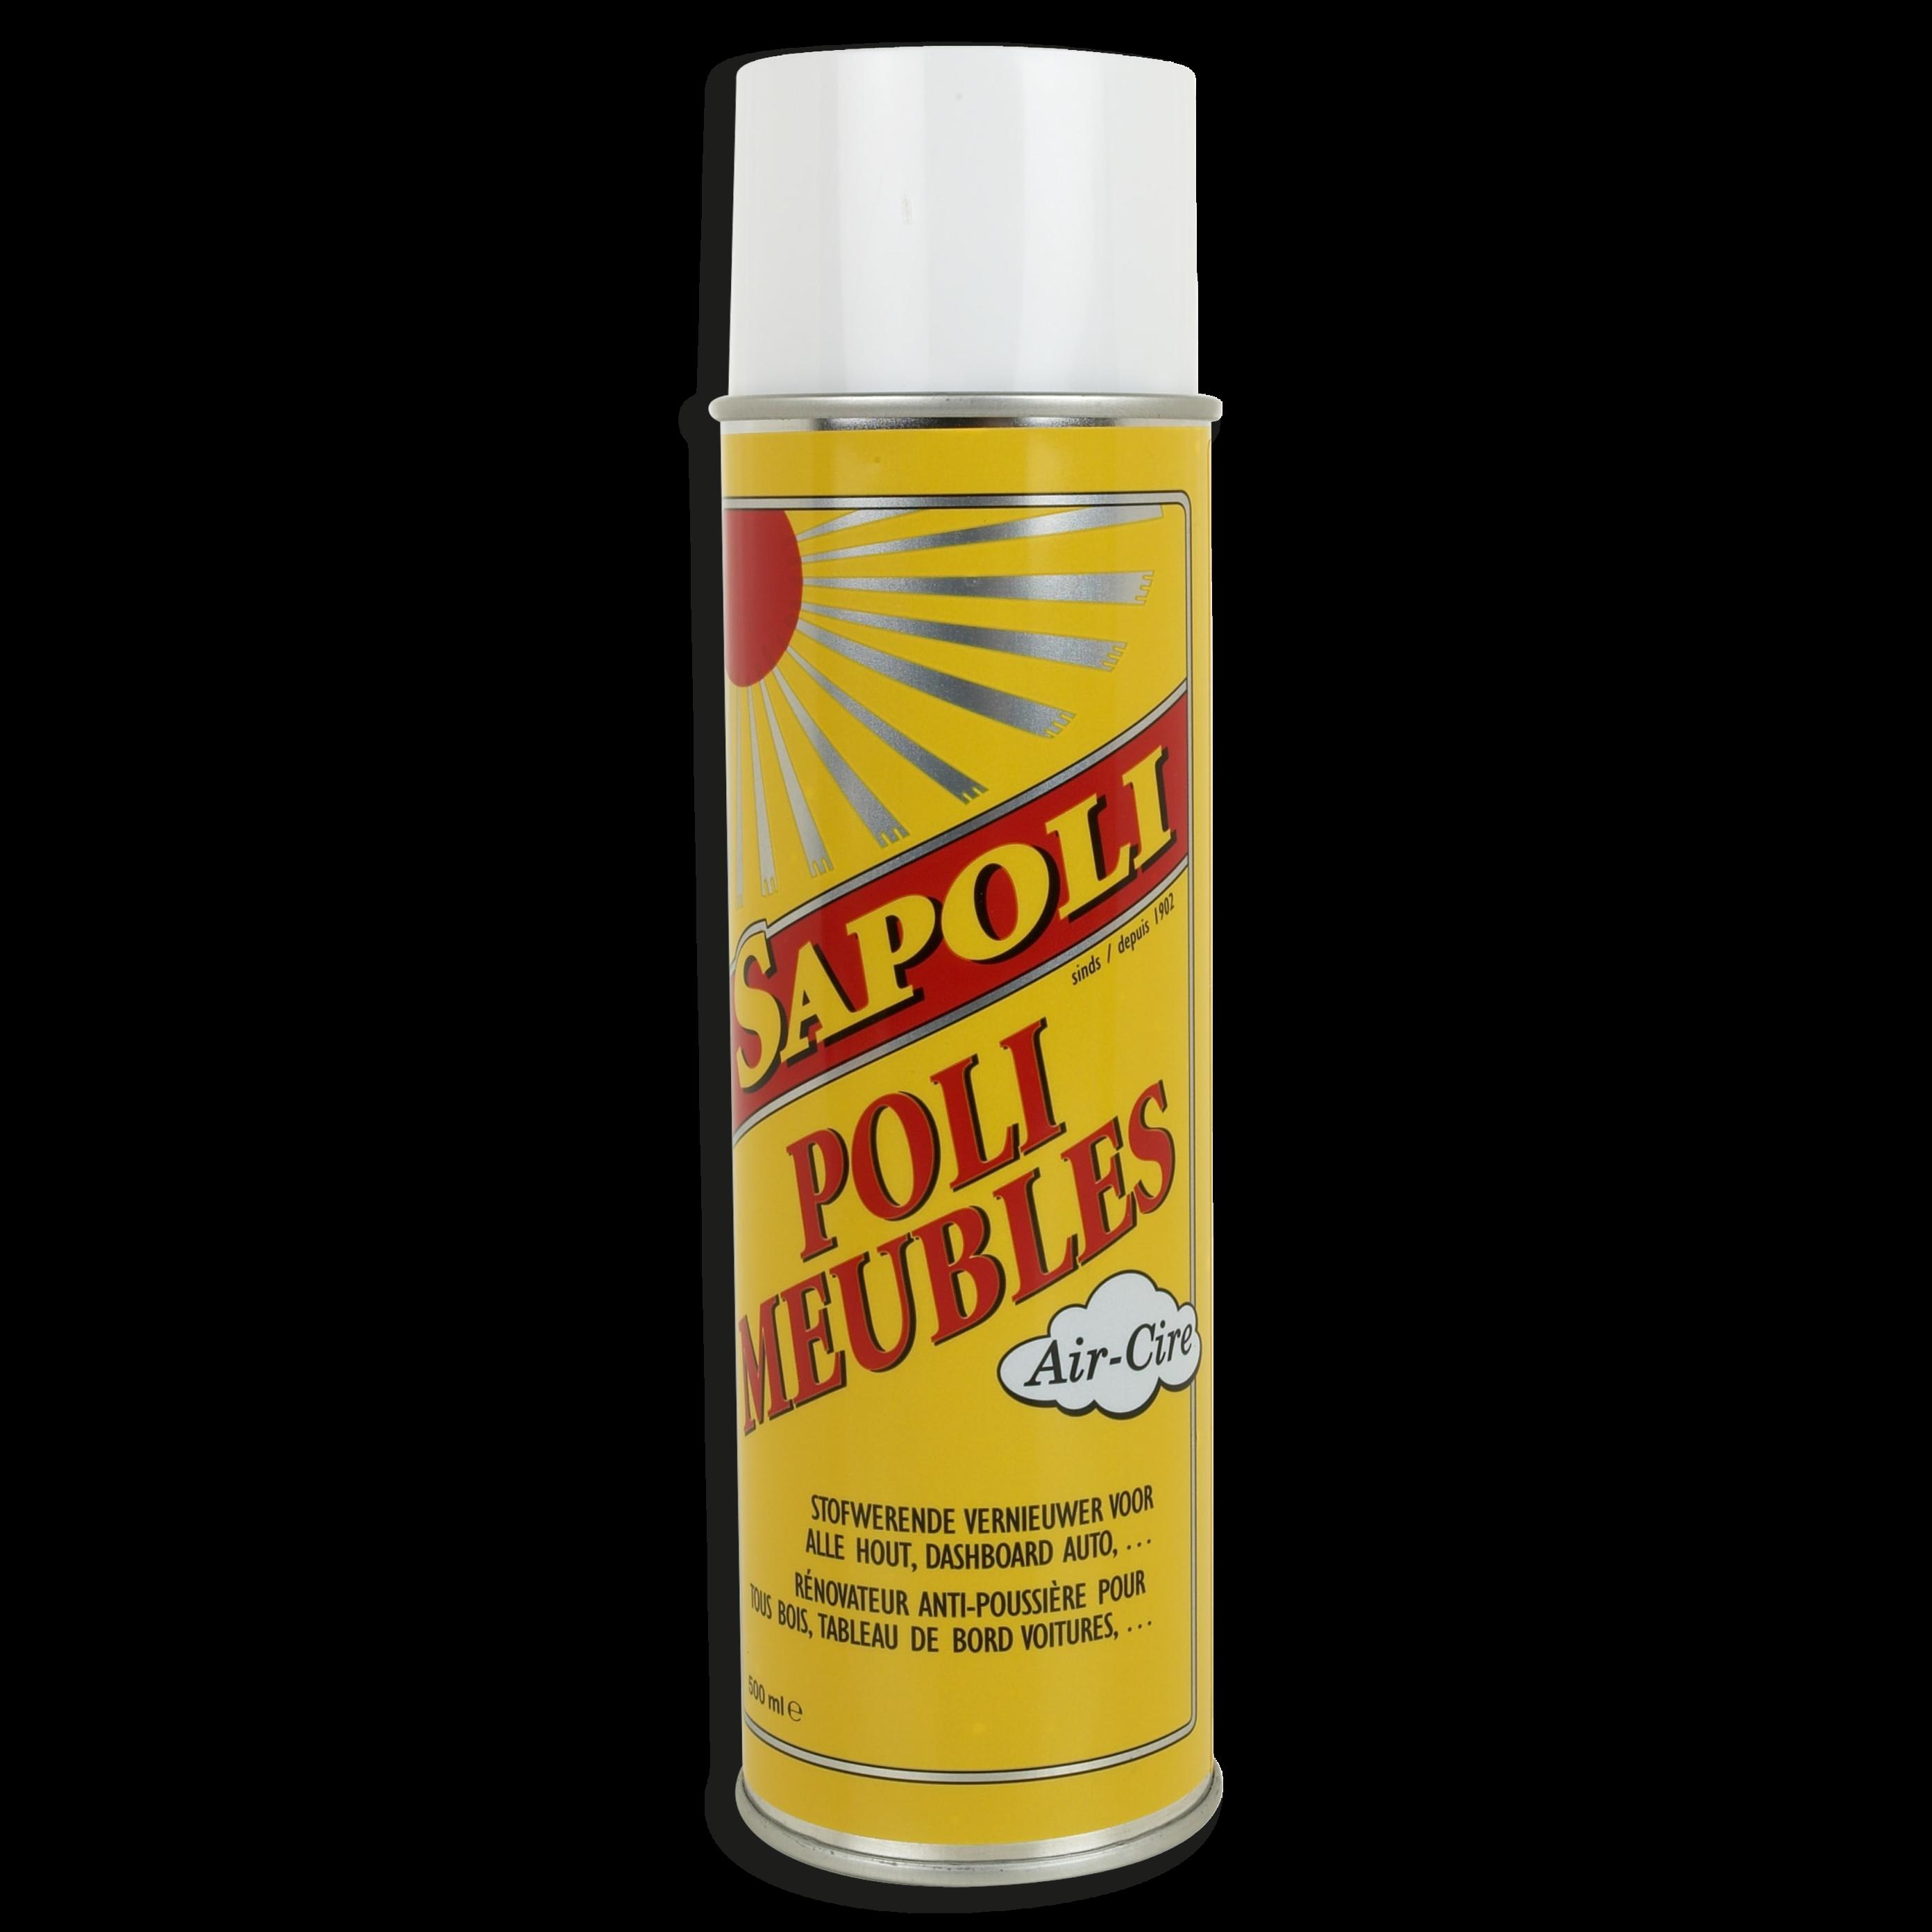 SAPOLI POLI-MEUBLES